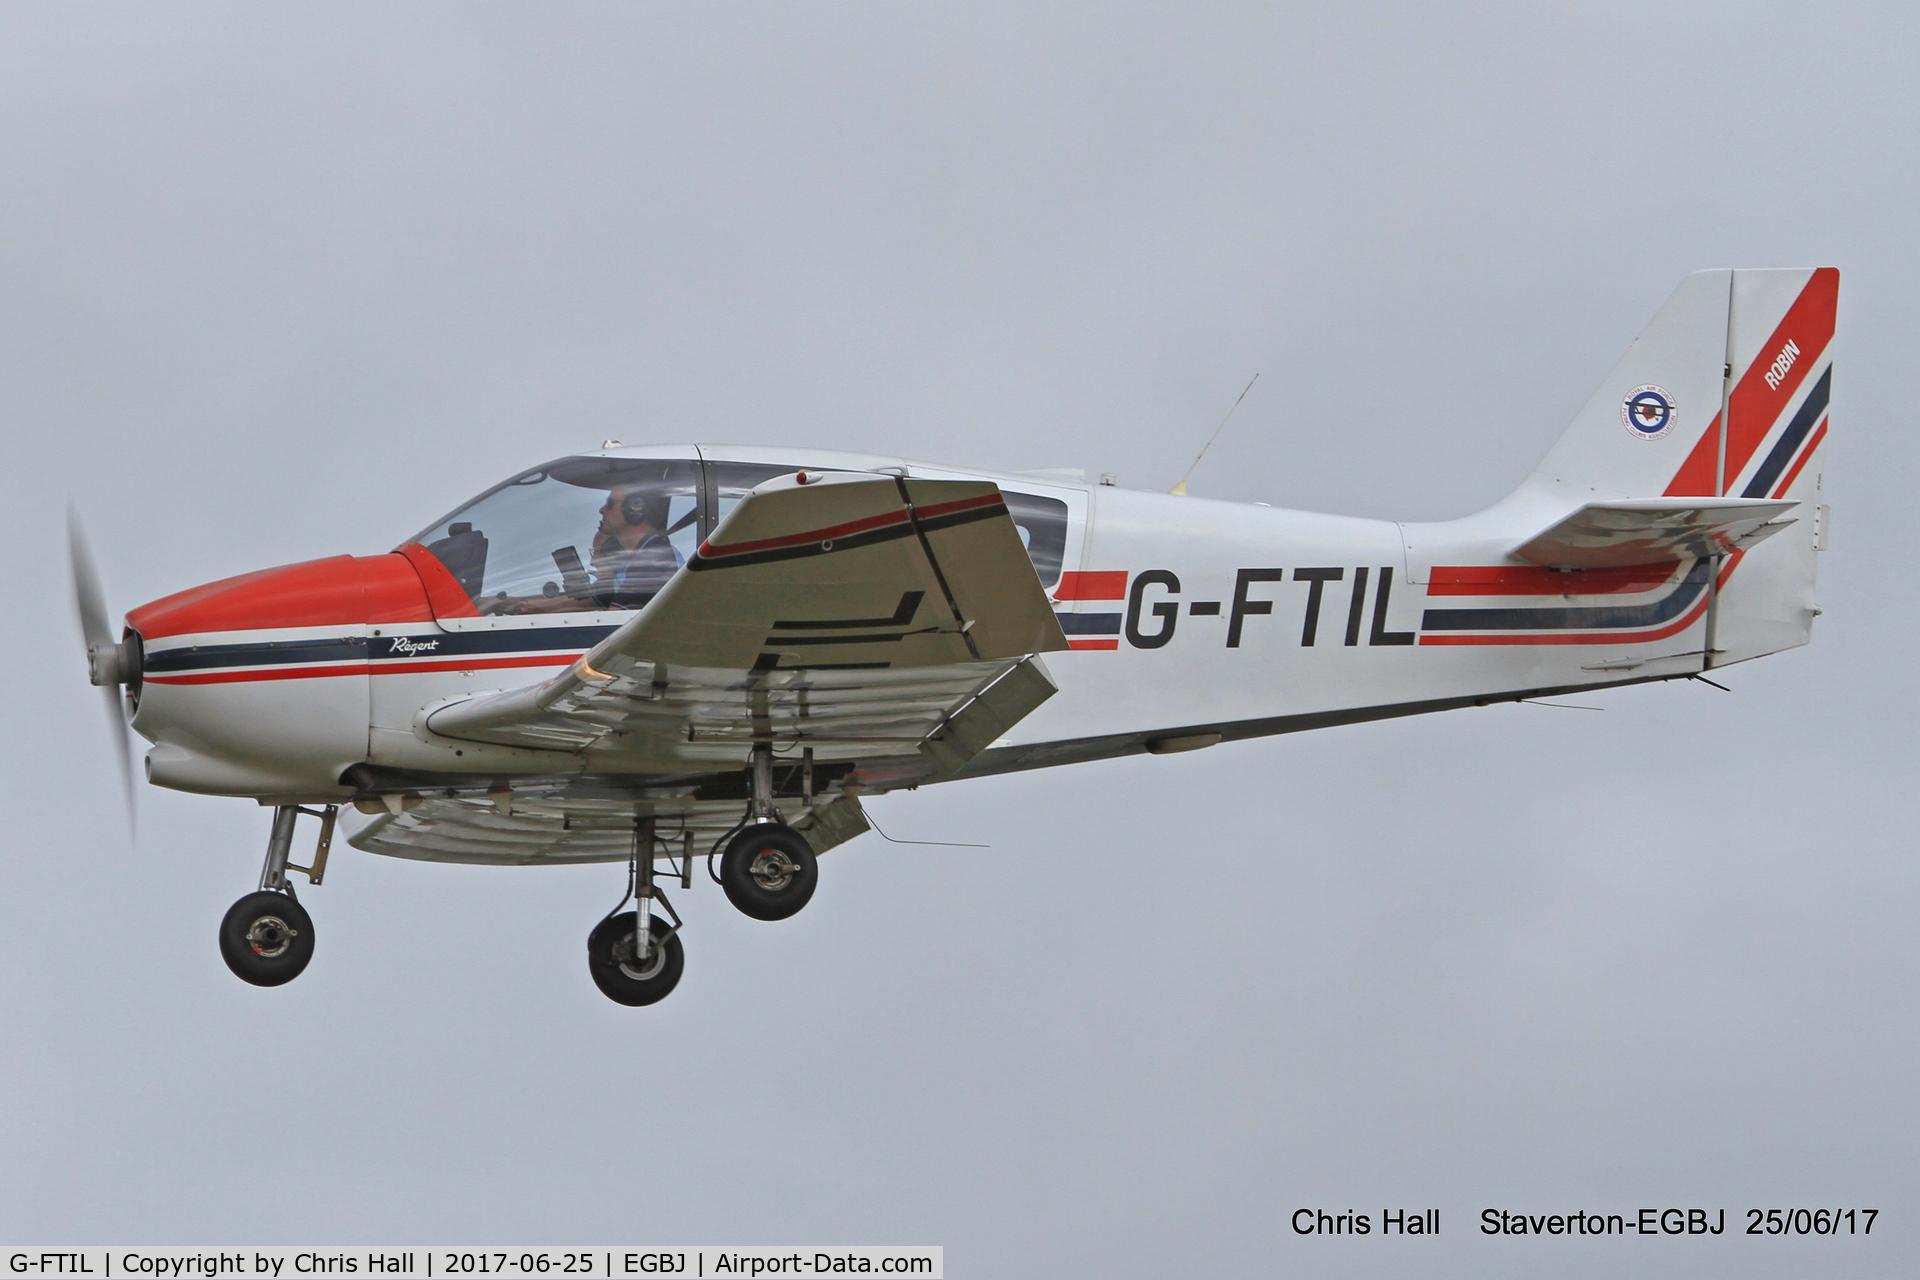 G-FTIL, 1988 Robin DR-400-180 Regent C/N 1825, Project Propeller at Staverton